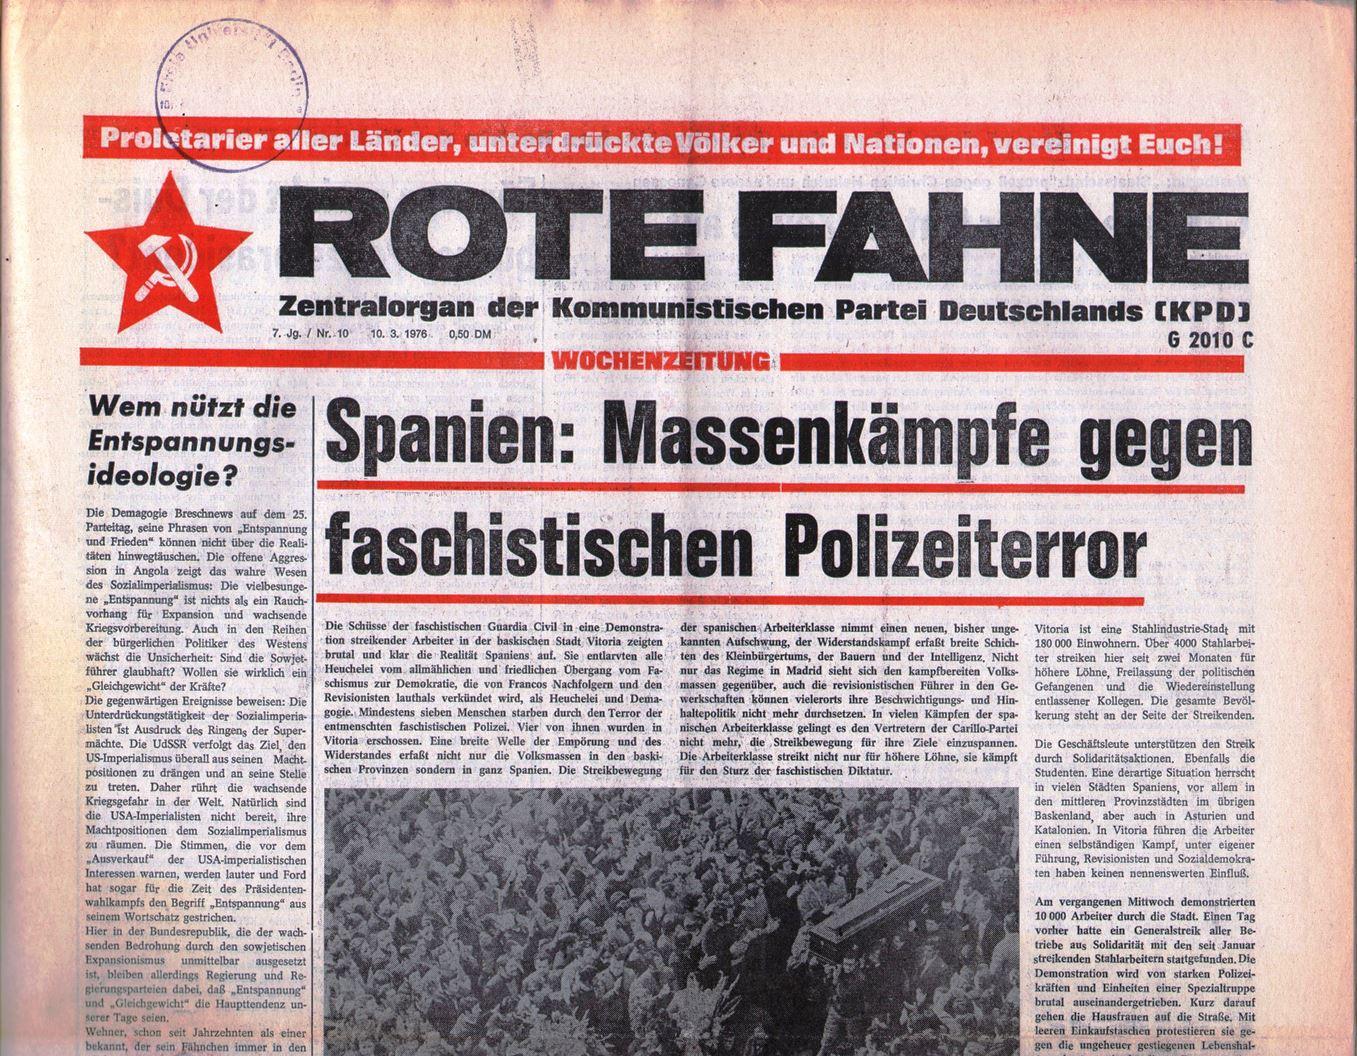 KPD_Rote_Fahne_1976_10_01